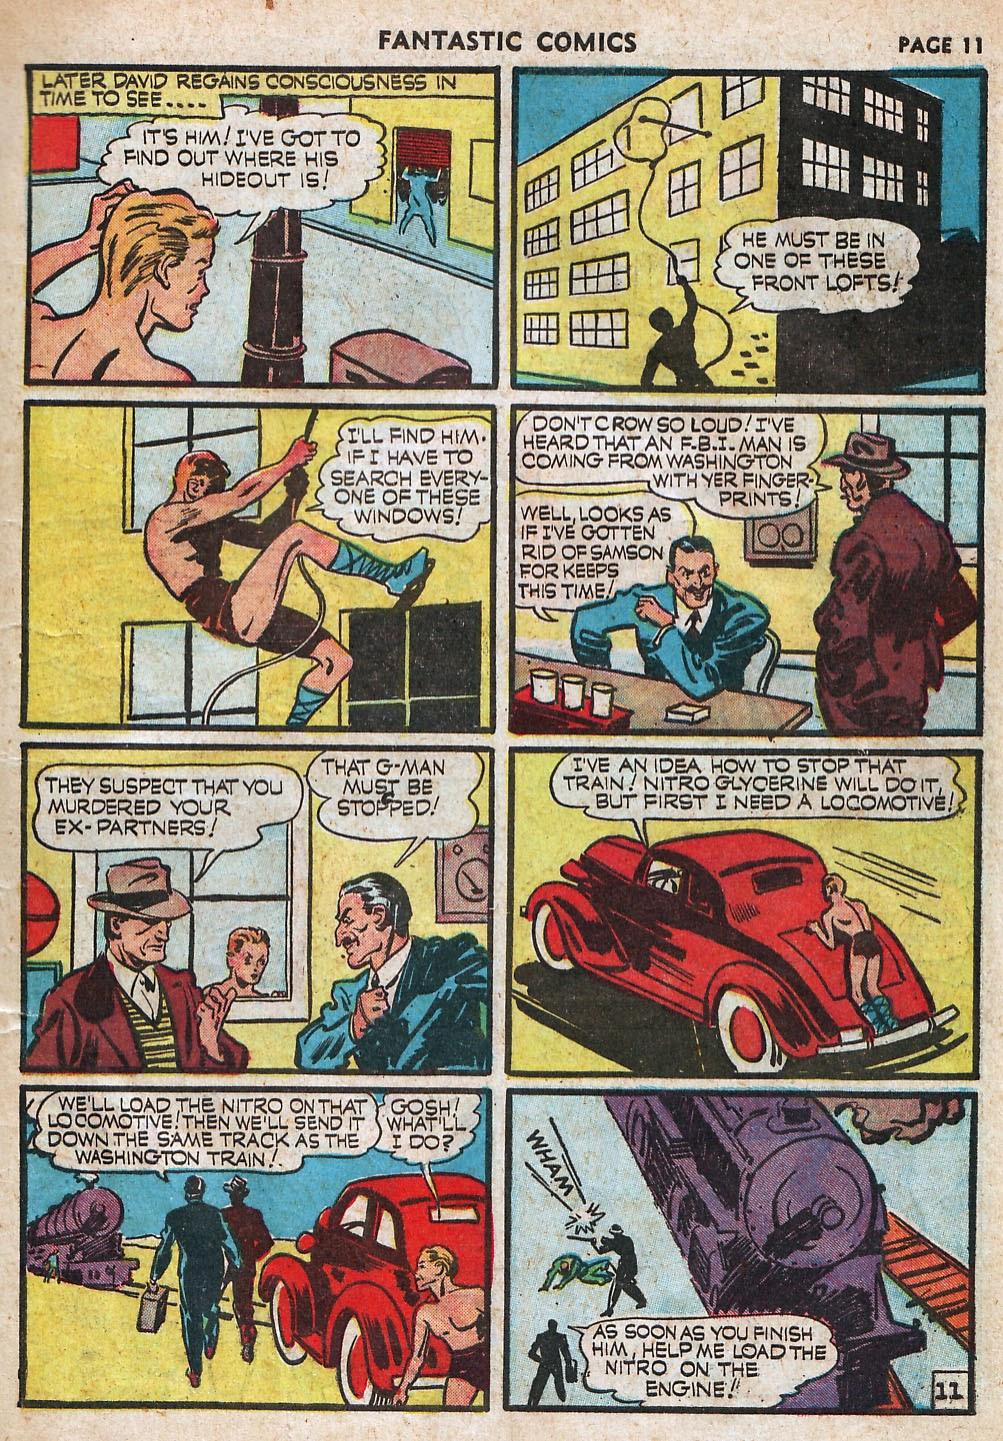 Read online Fantastic Comics comic -  Issue #18 - 13